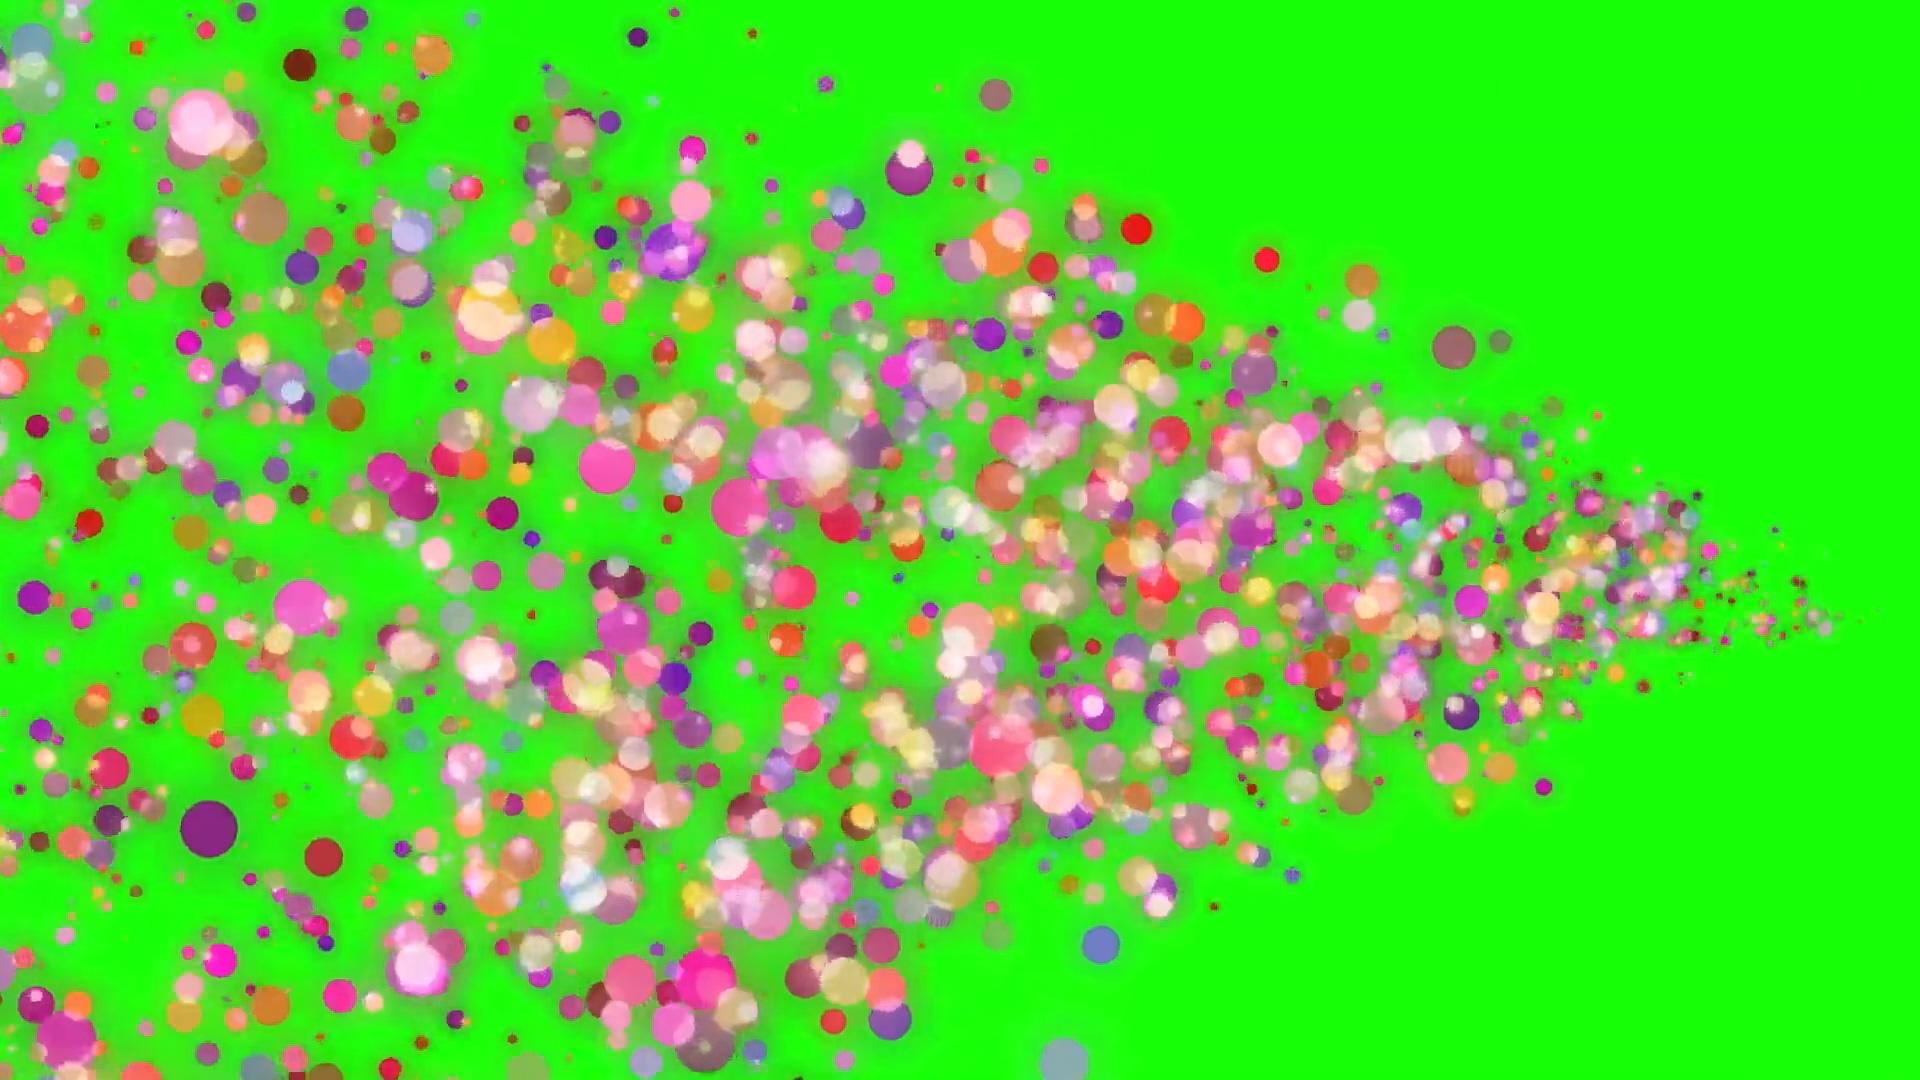 绿屏抠像节日庆典彩色气泡